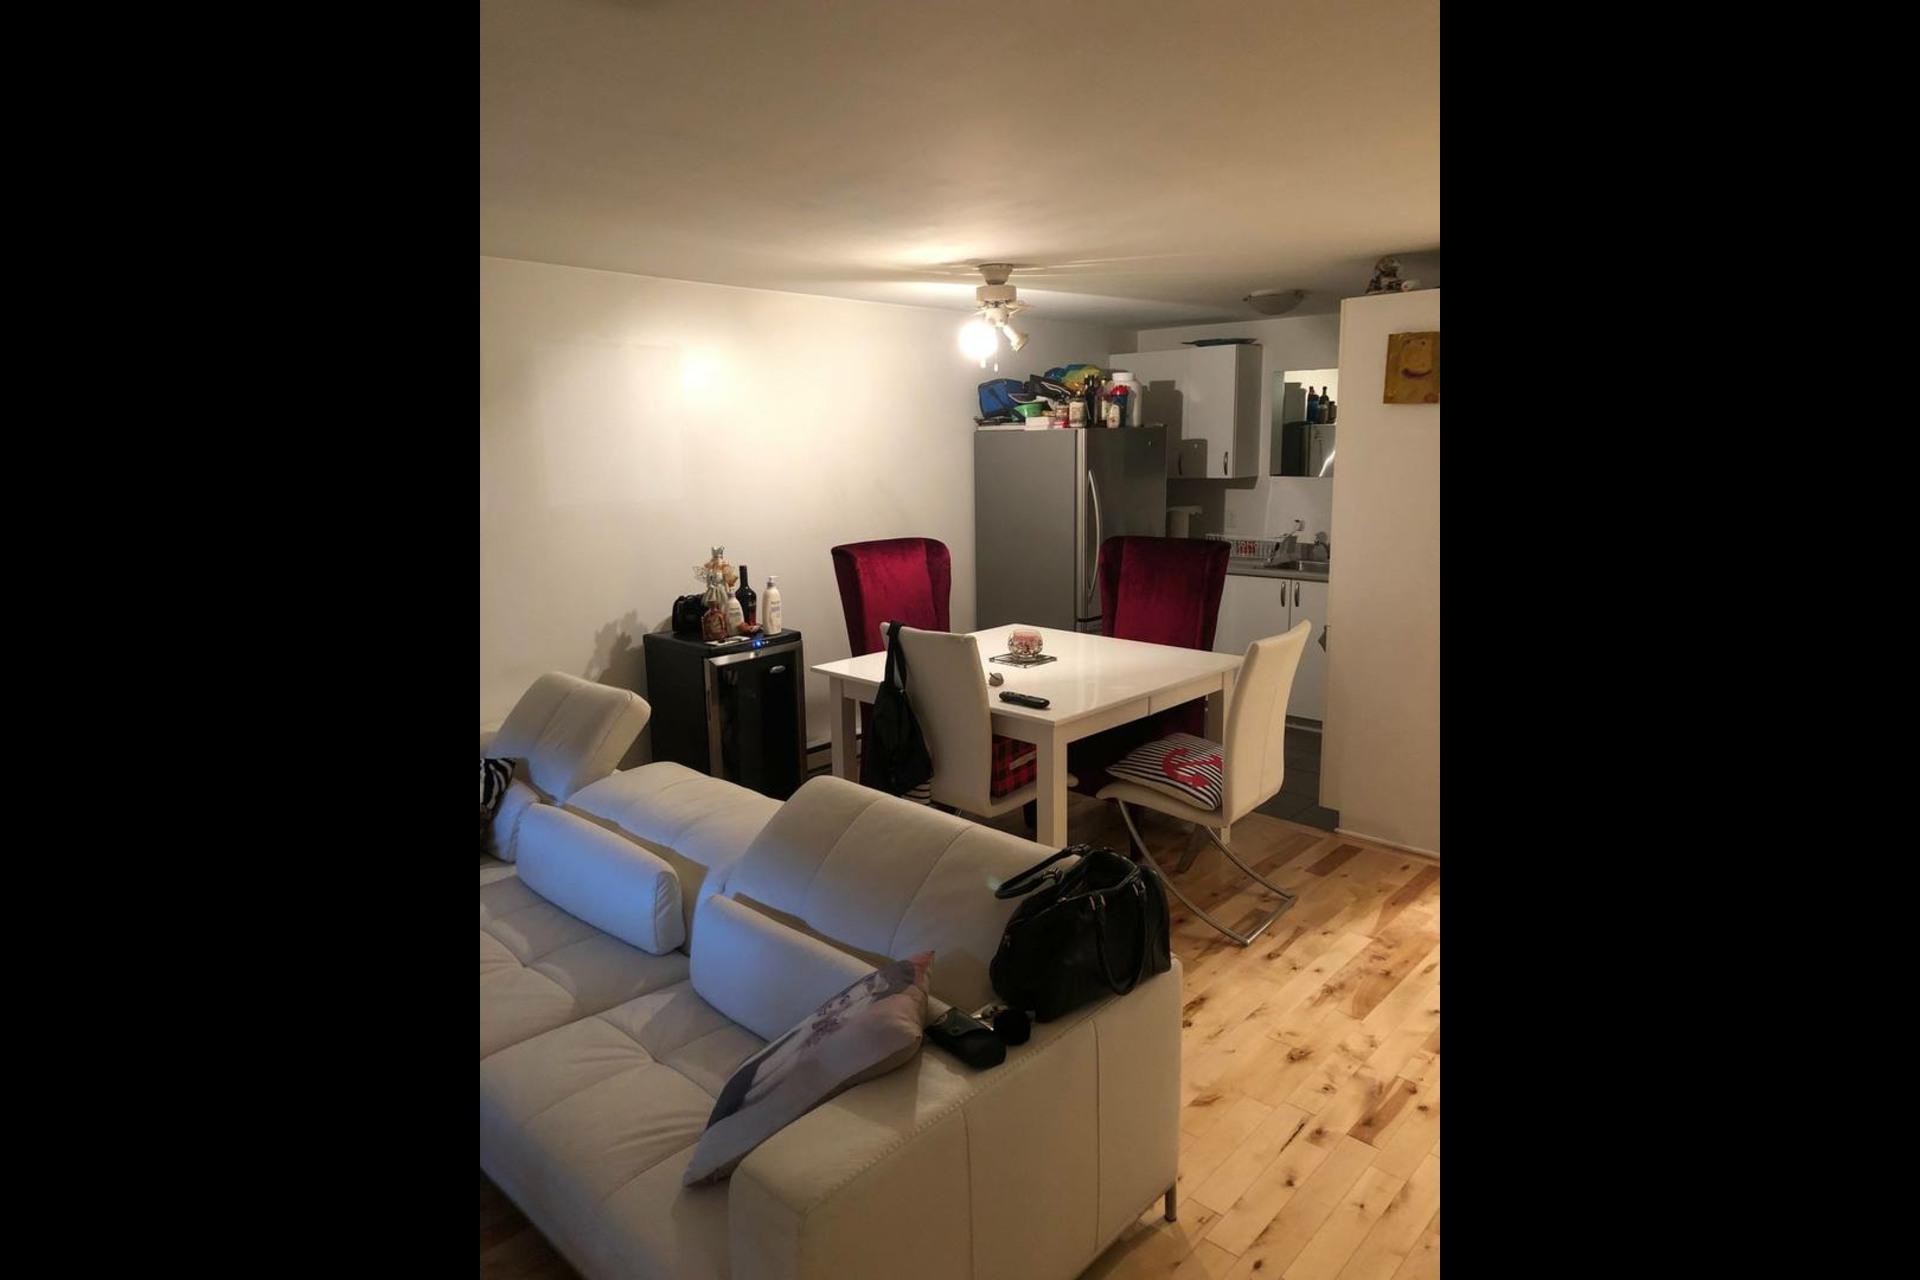 image 7 - Apartment For rent Montréal Rosemont - 3 rooms